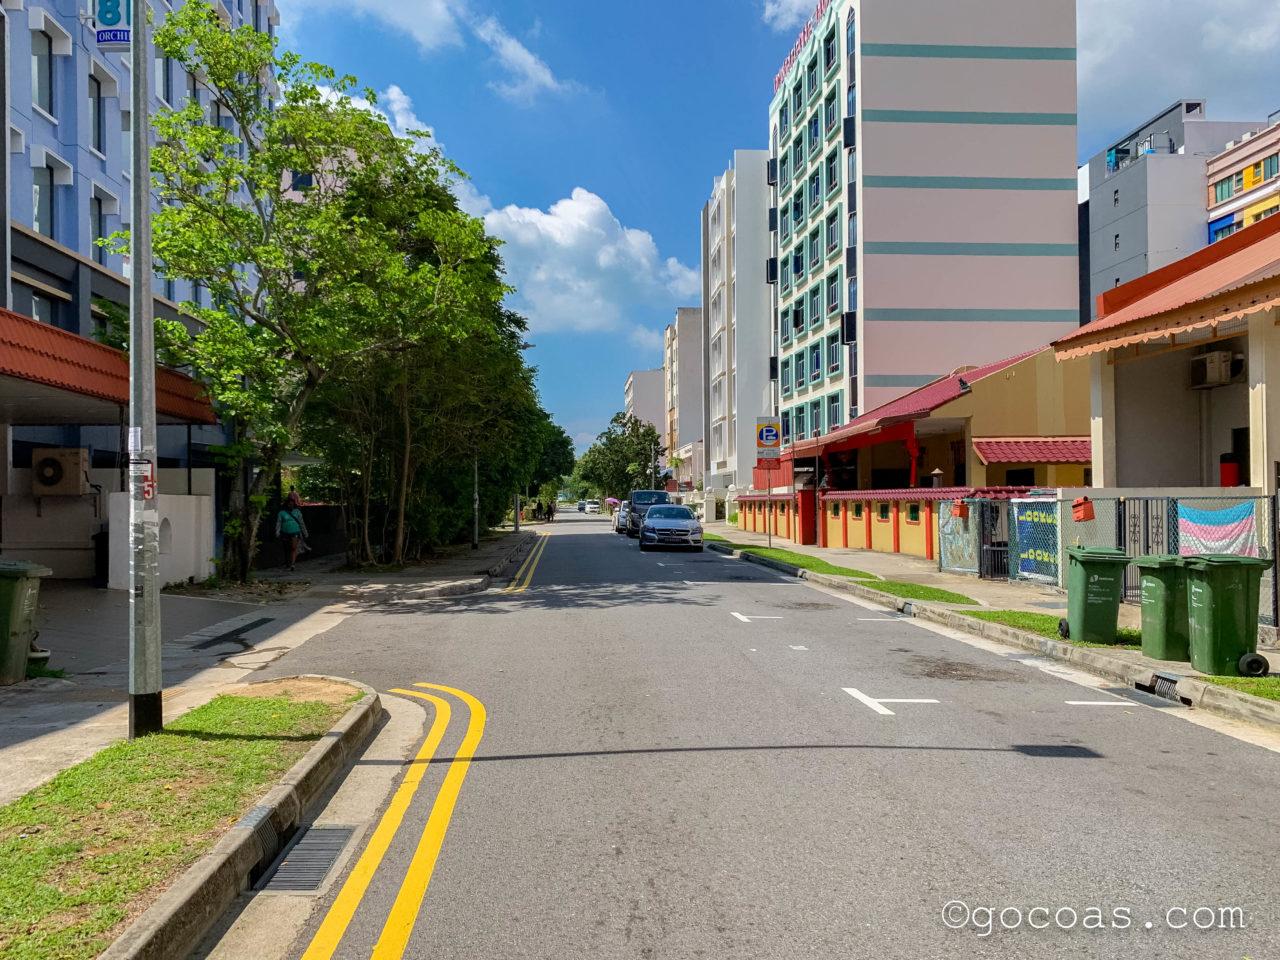 ホテル 81 プレミア ハリウッド前の道路